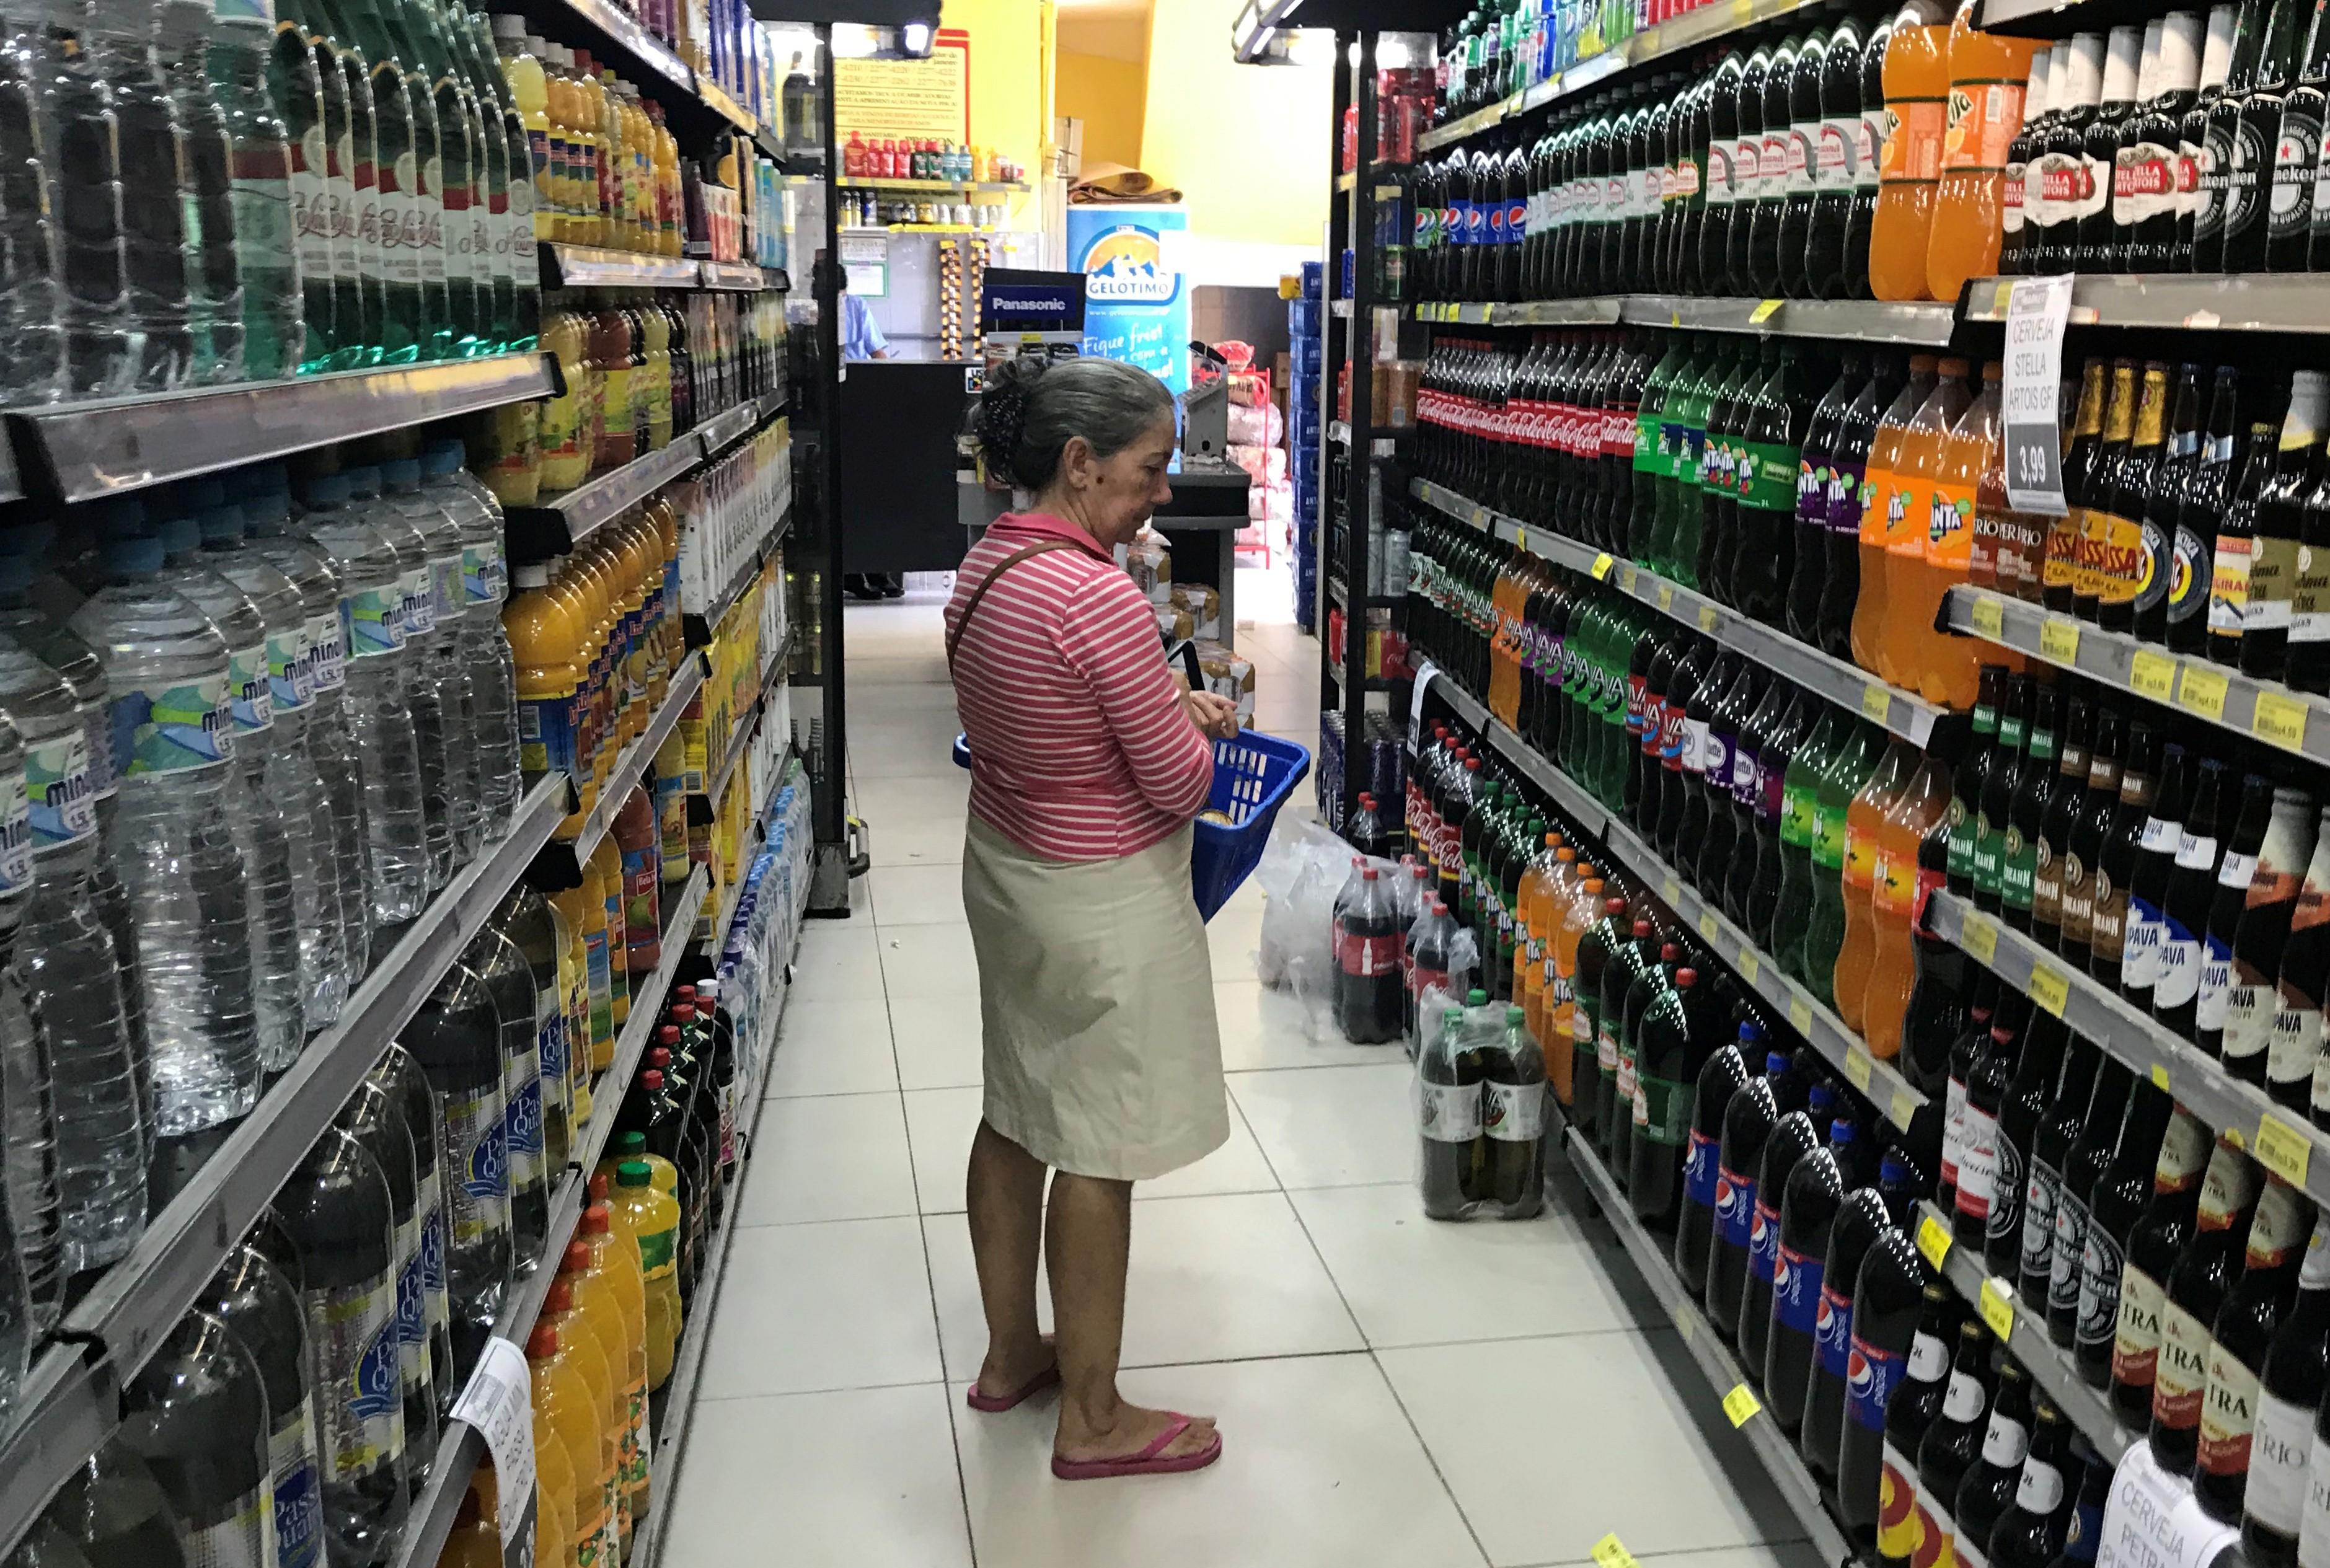 4d3b0b4fb Em 12 meses, avanço passou de 1,4% em abril para 1,3% em maio, reforçando o  cenário de economia estagnada. Supermercado no Rio de Janeiro; ...